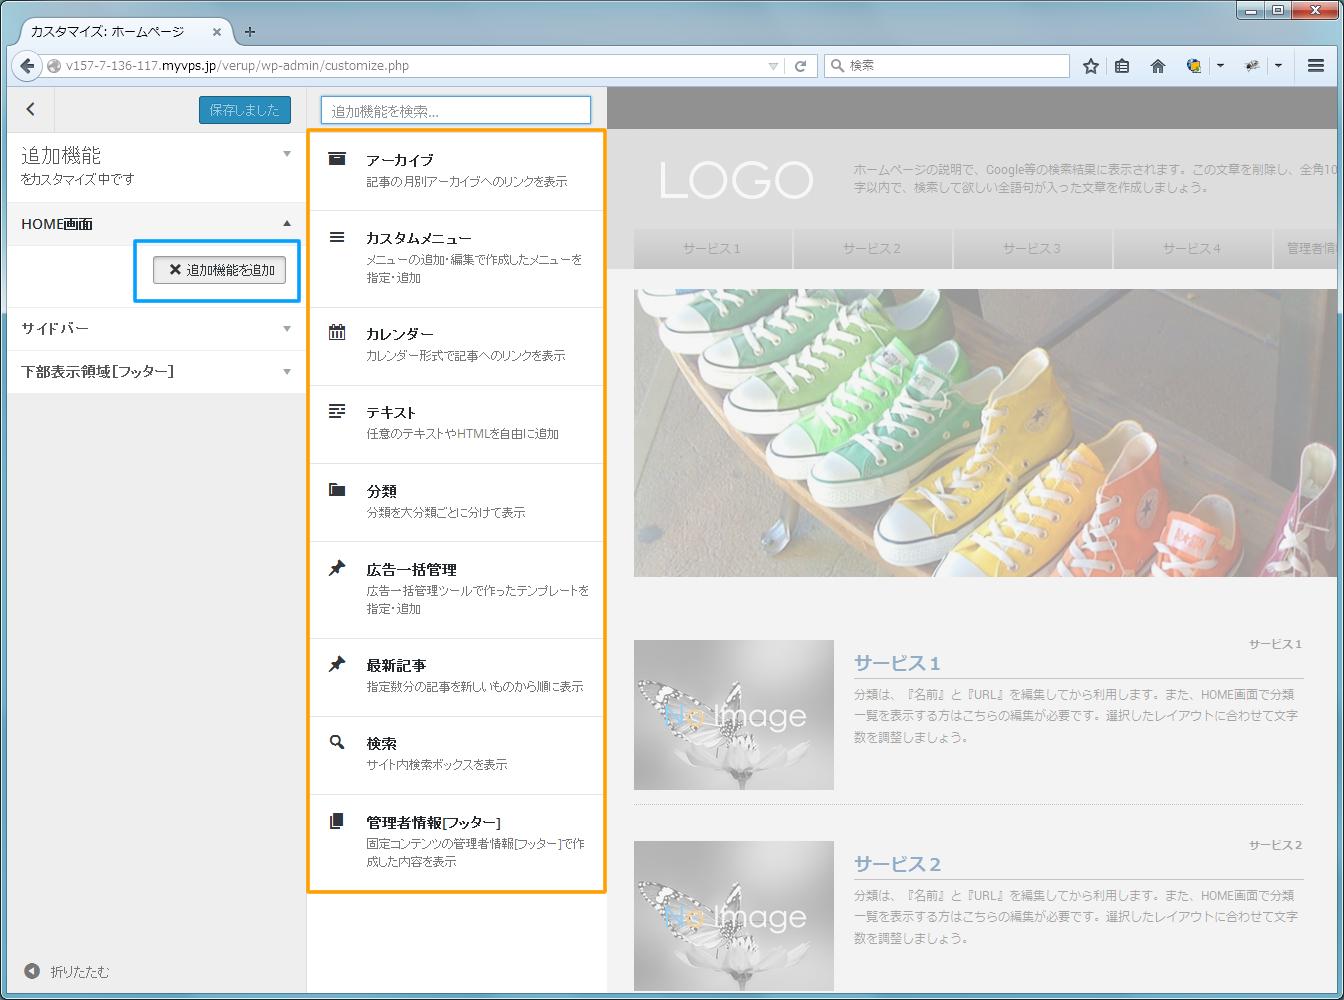 サイトデザイン 追加機能 選択 | 初期費用無料ホームページ作成サイト - FunMaker